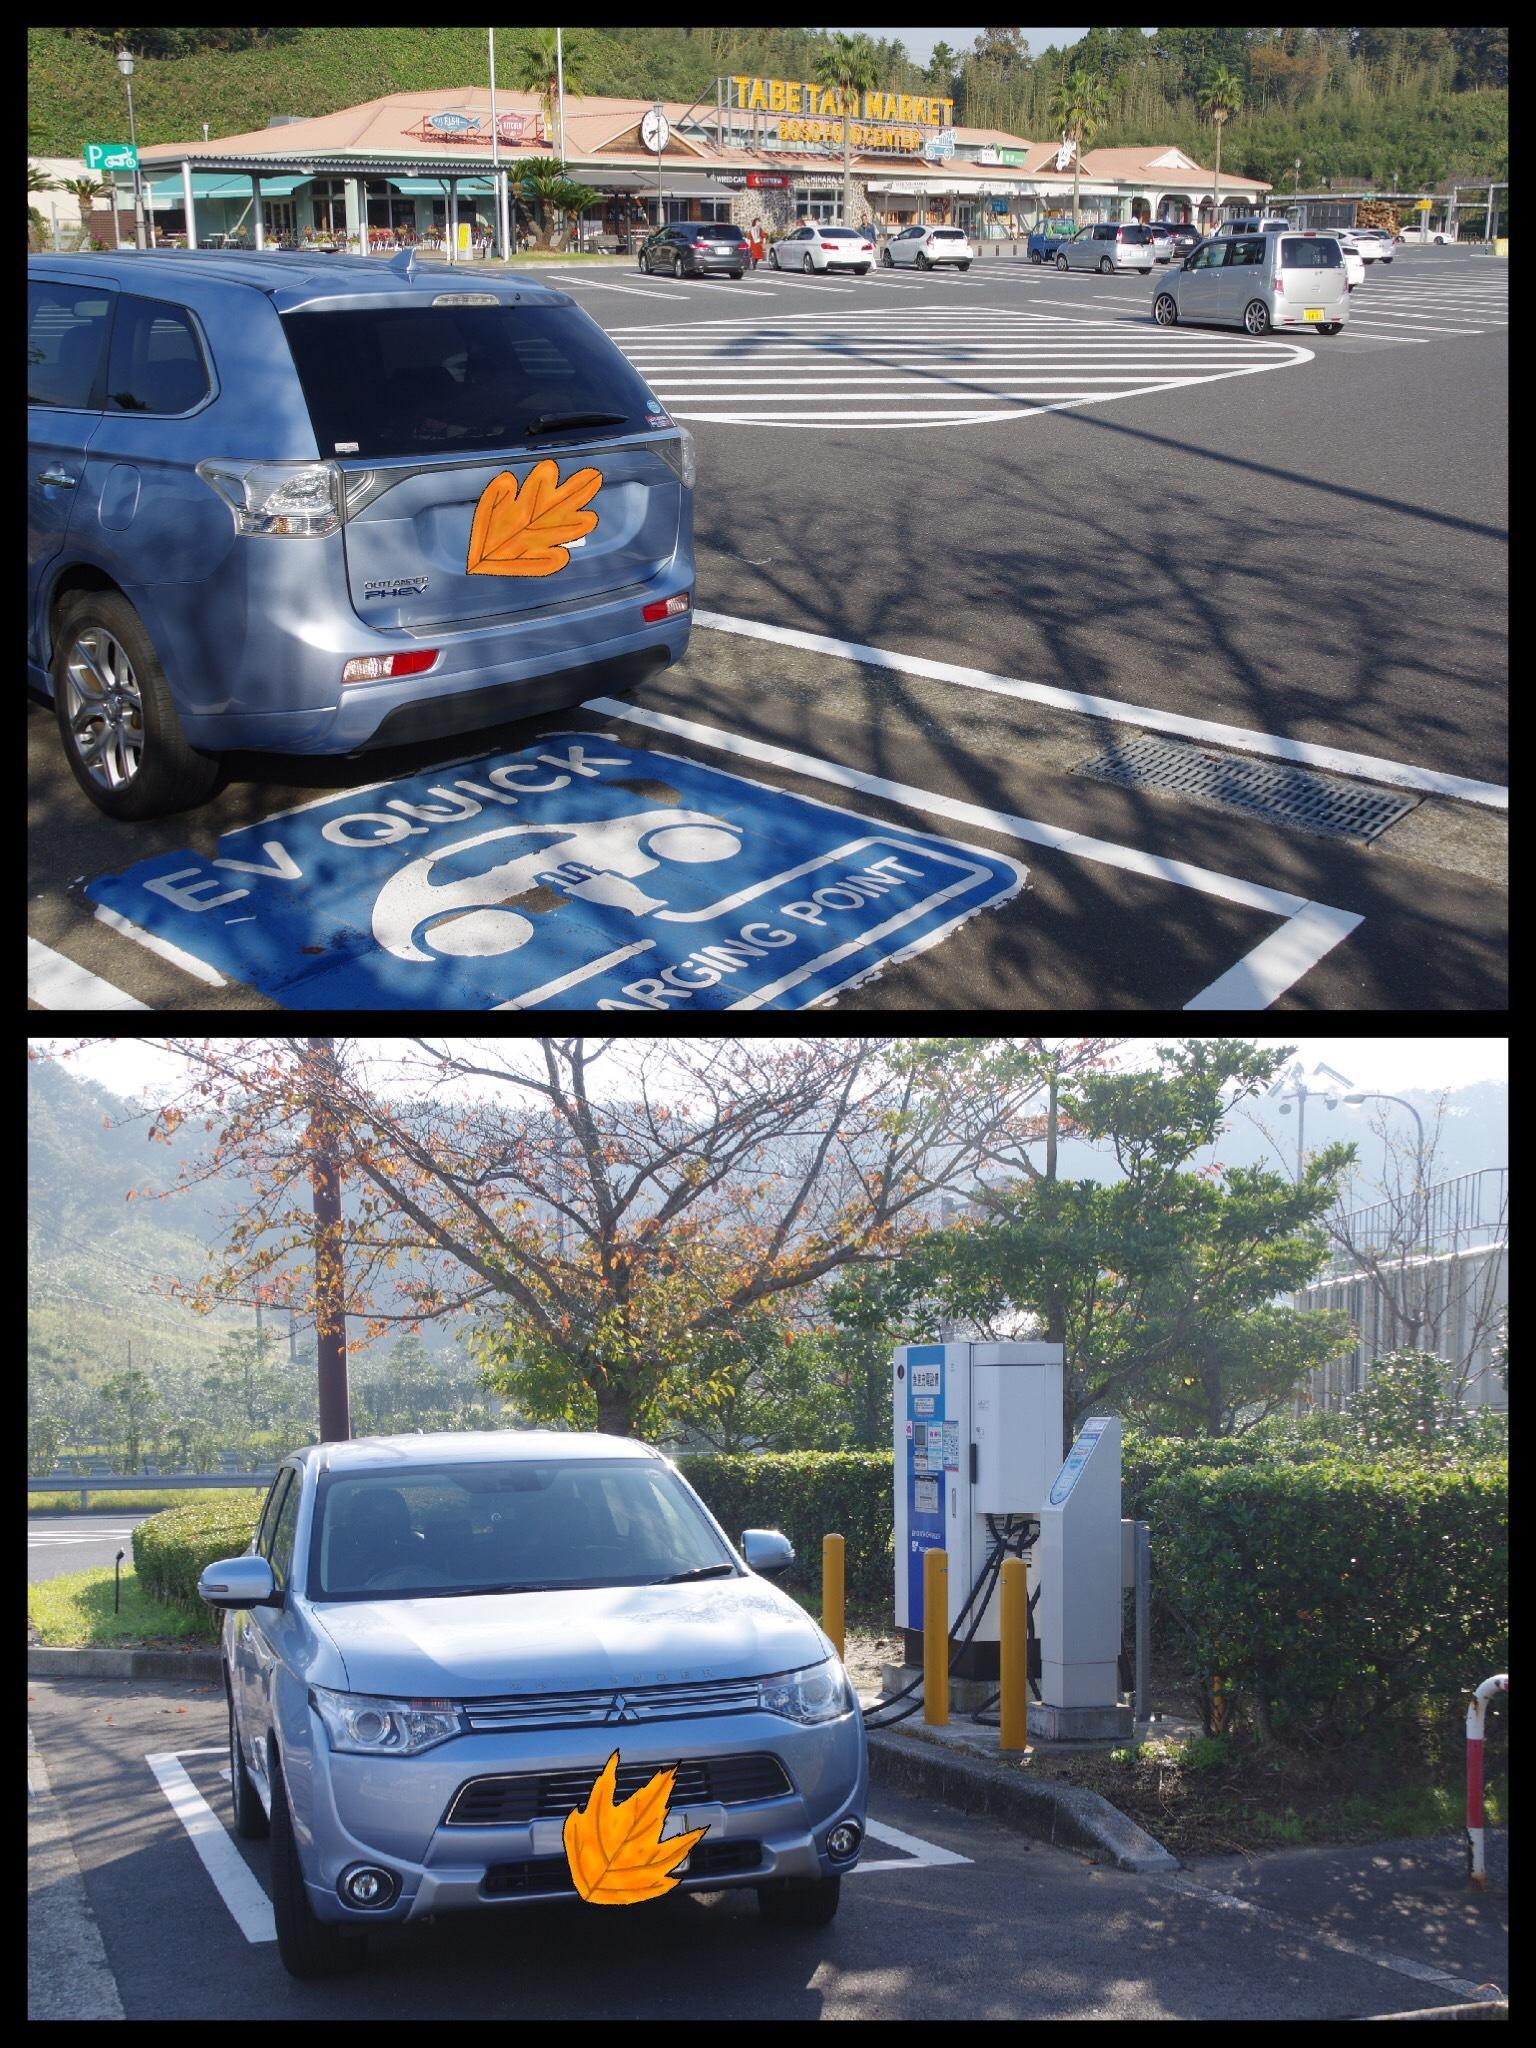 館山自動車道 市原PA上り EV充電スポット